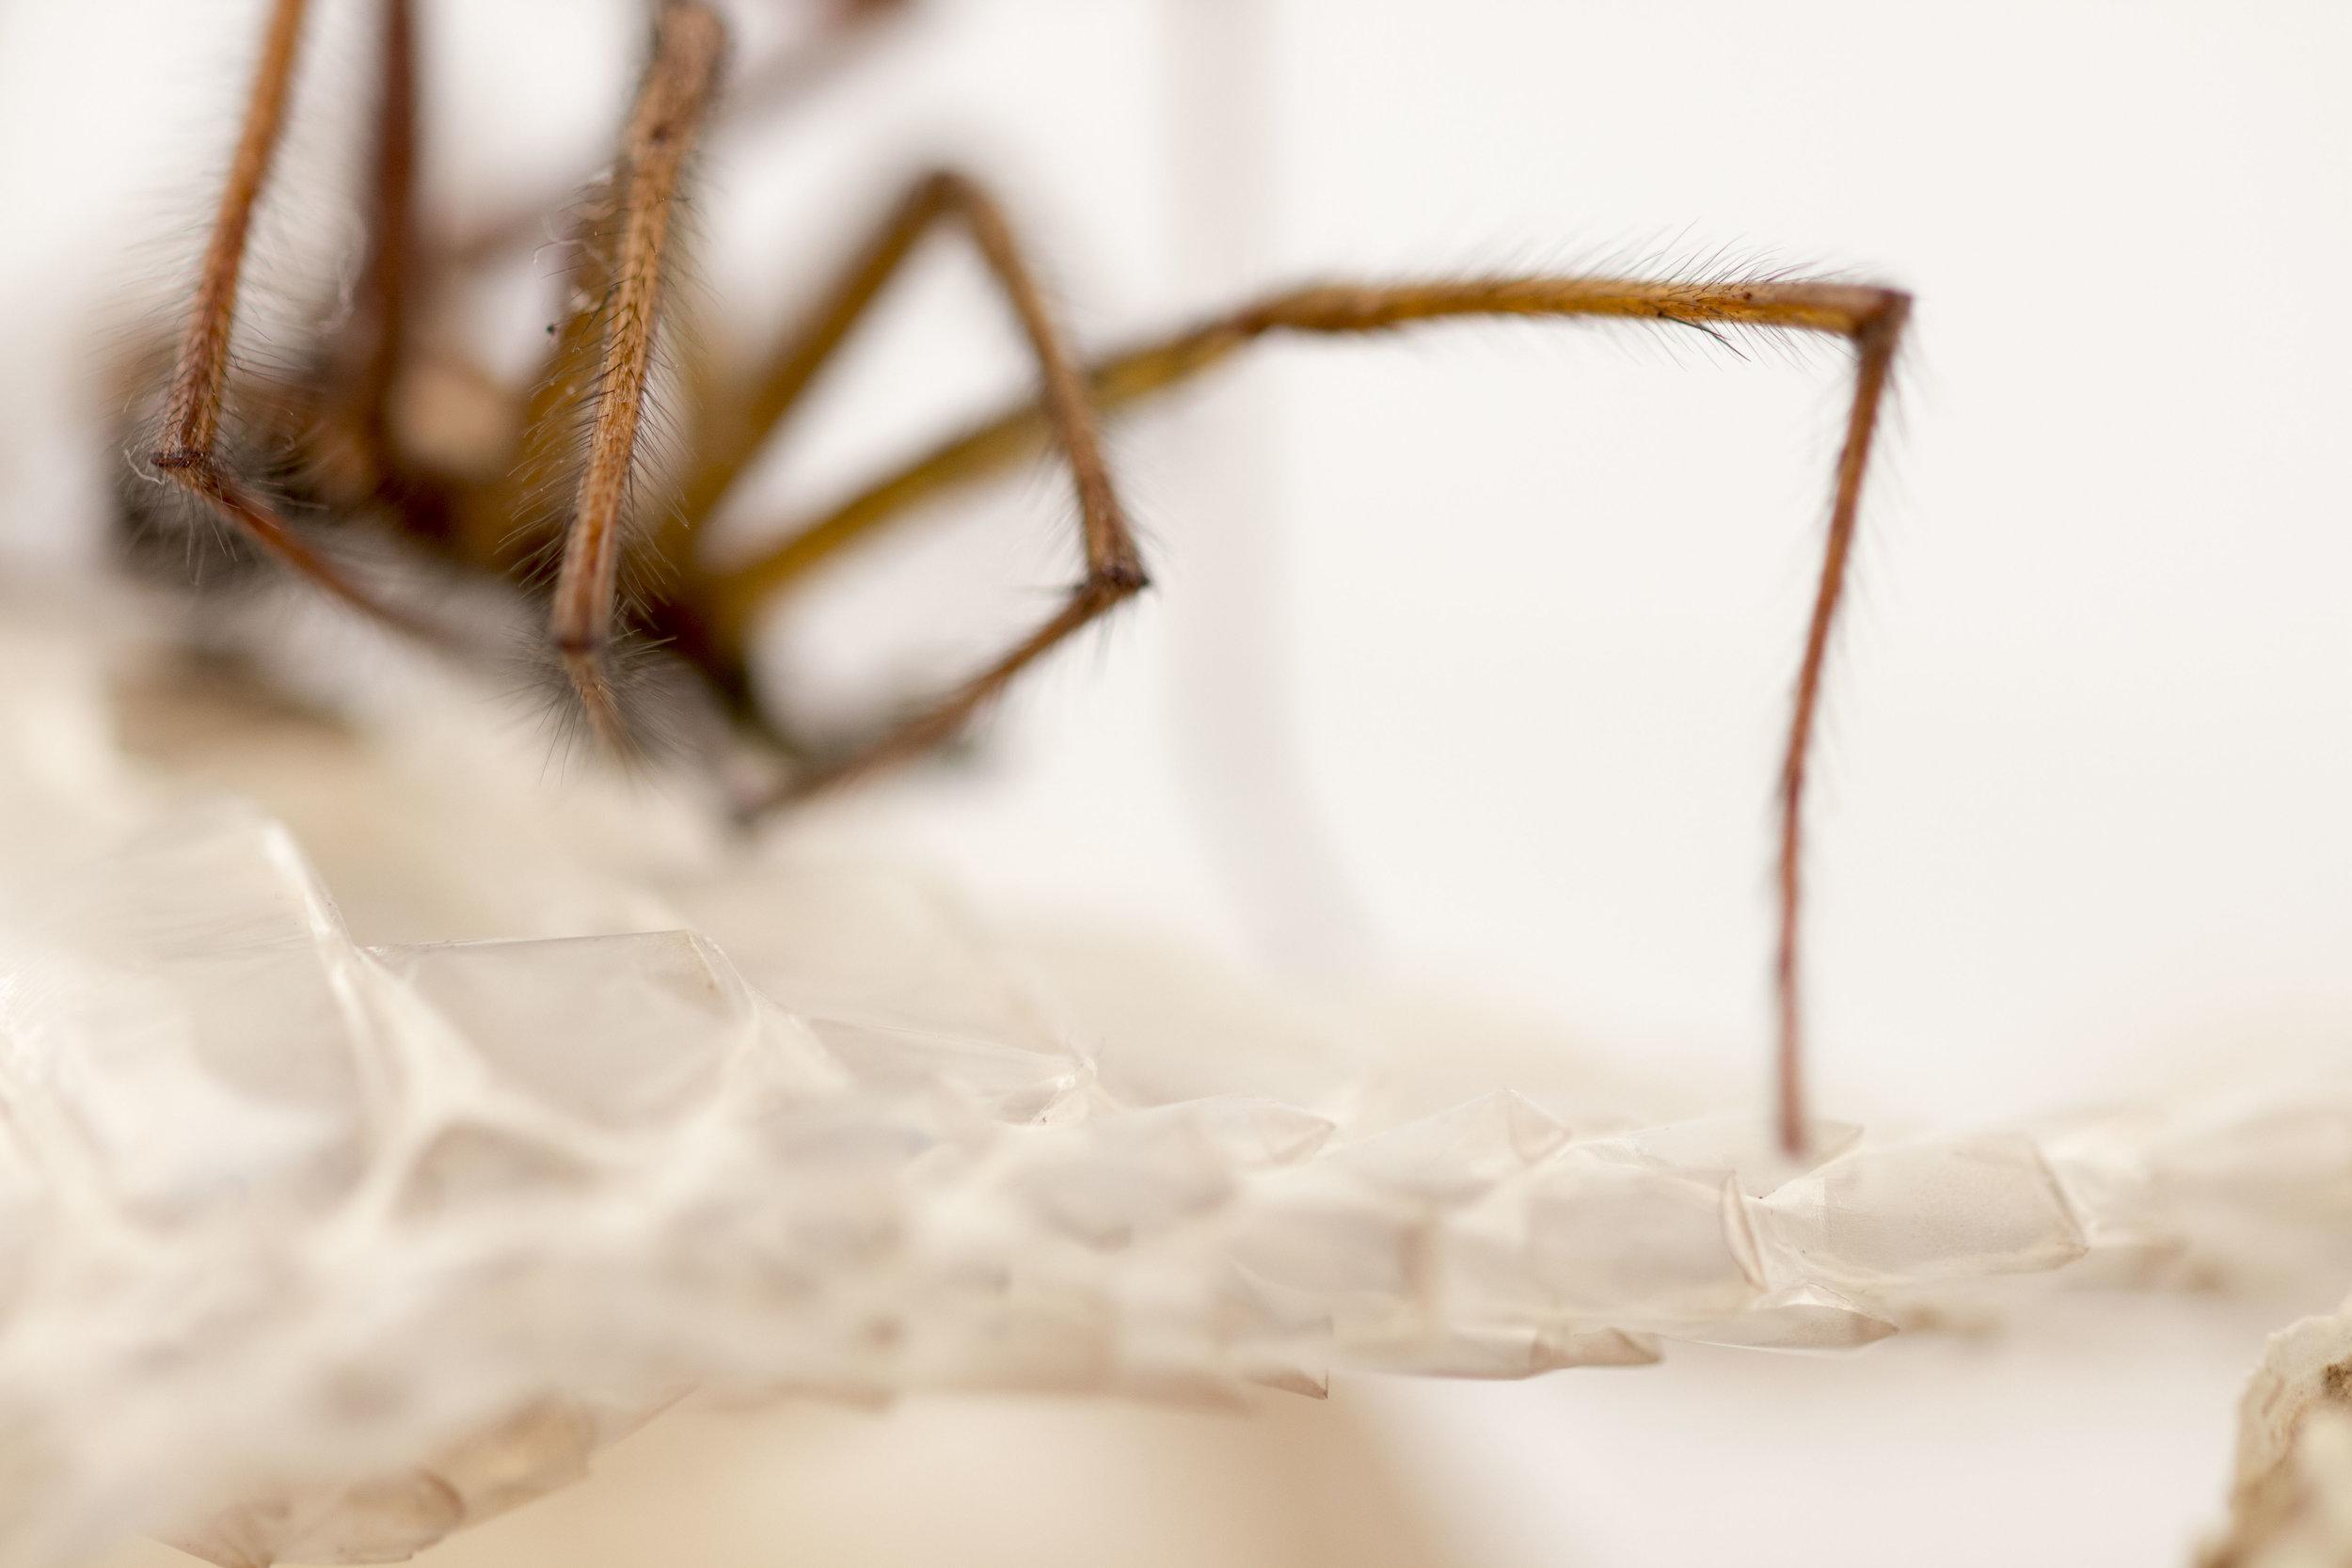 Spider exoskeleton & Snake shed